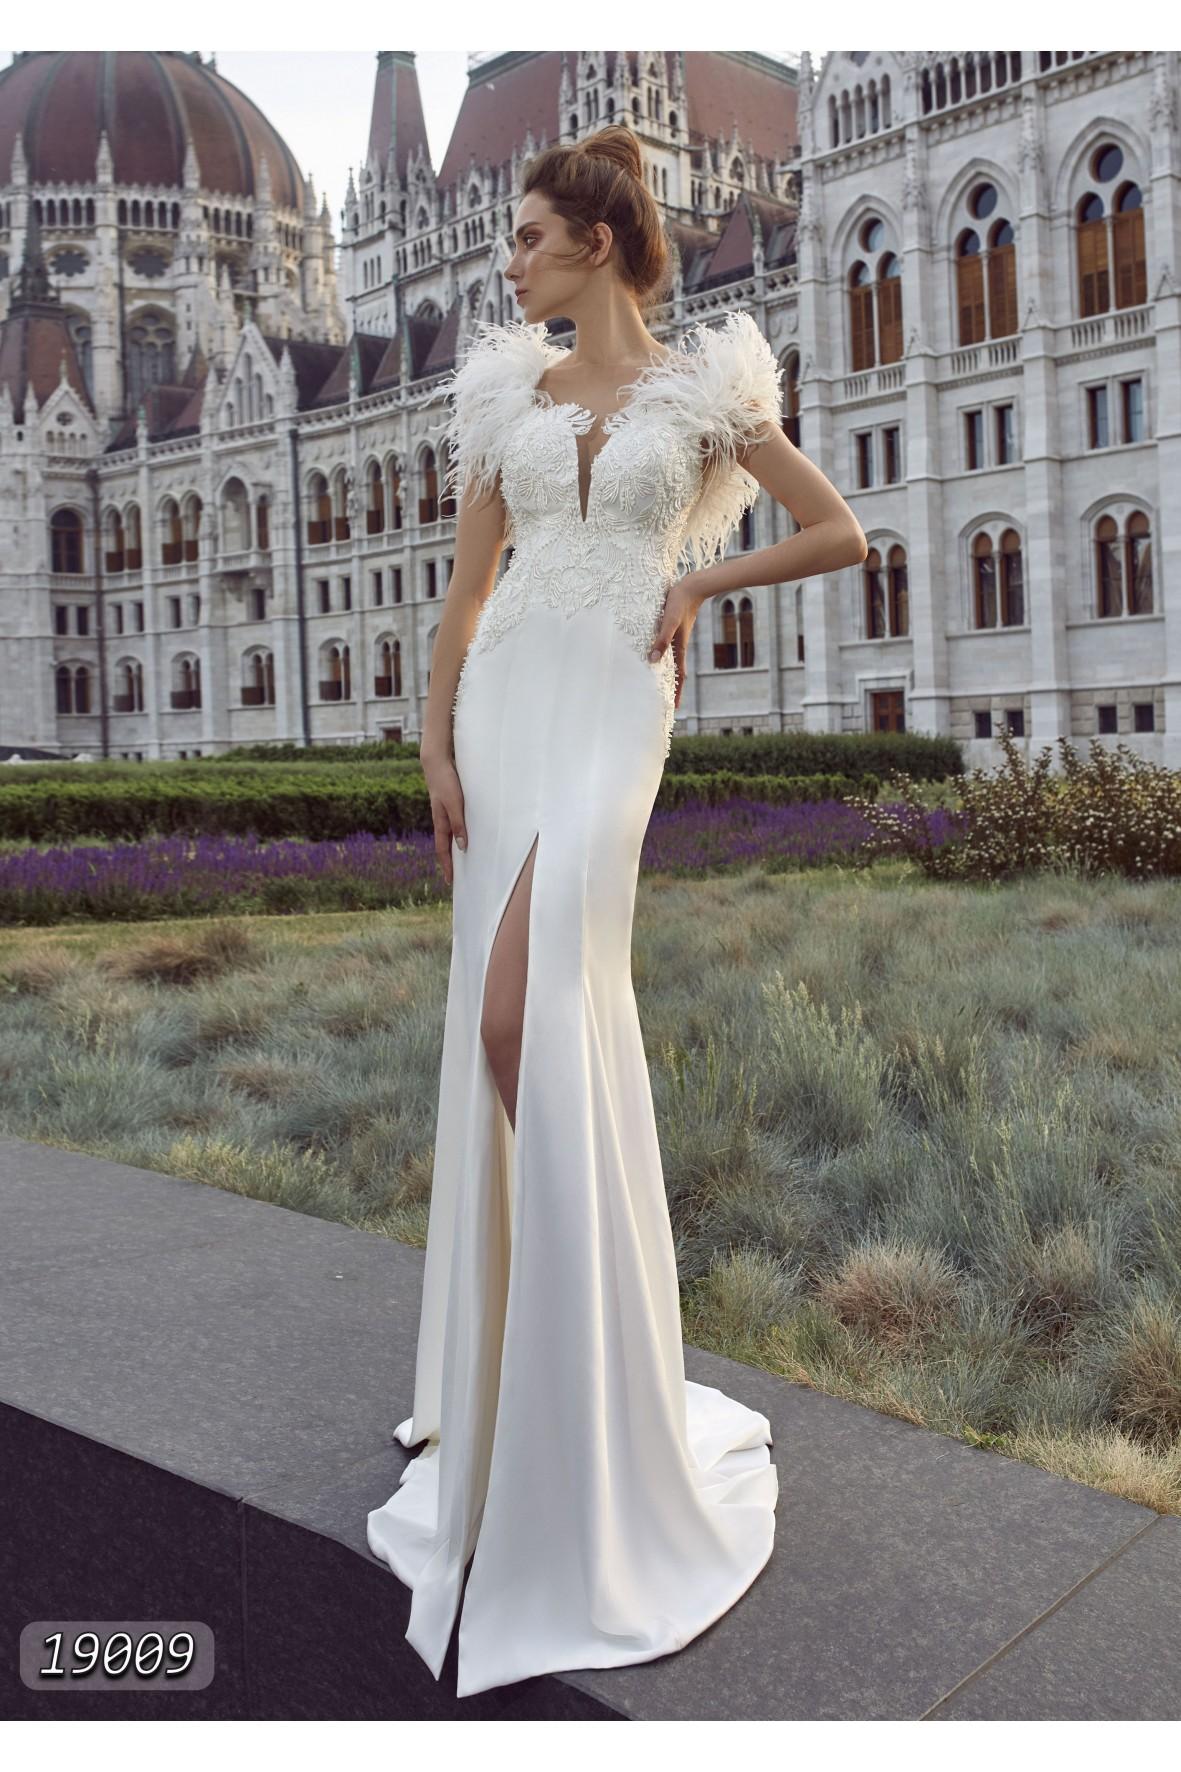 А под платьем у невесты что, классные фото экстрим женщин